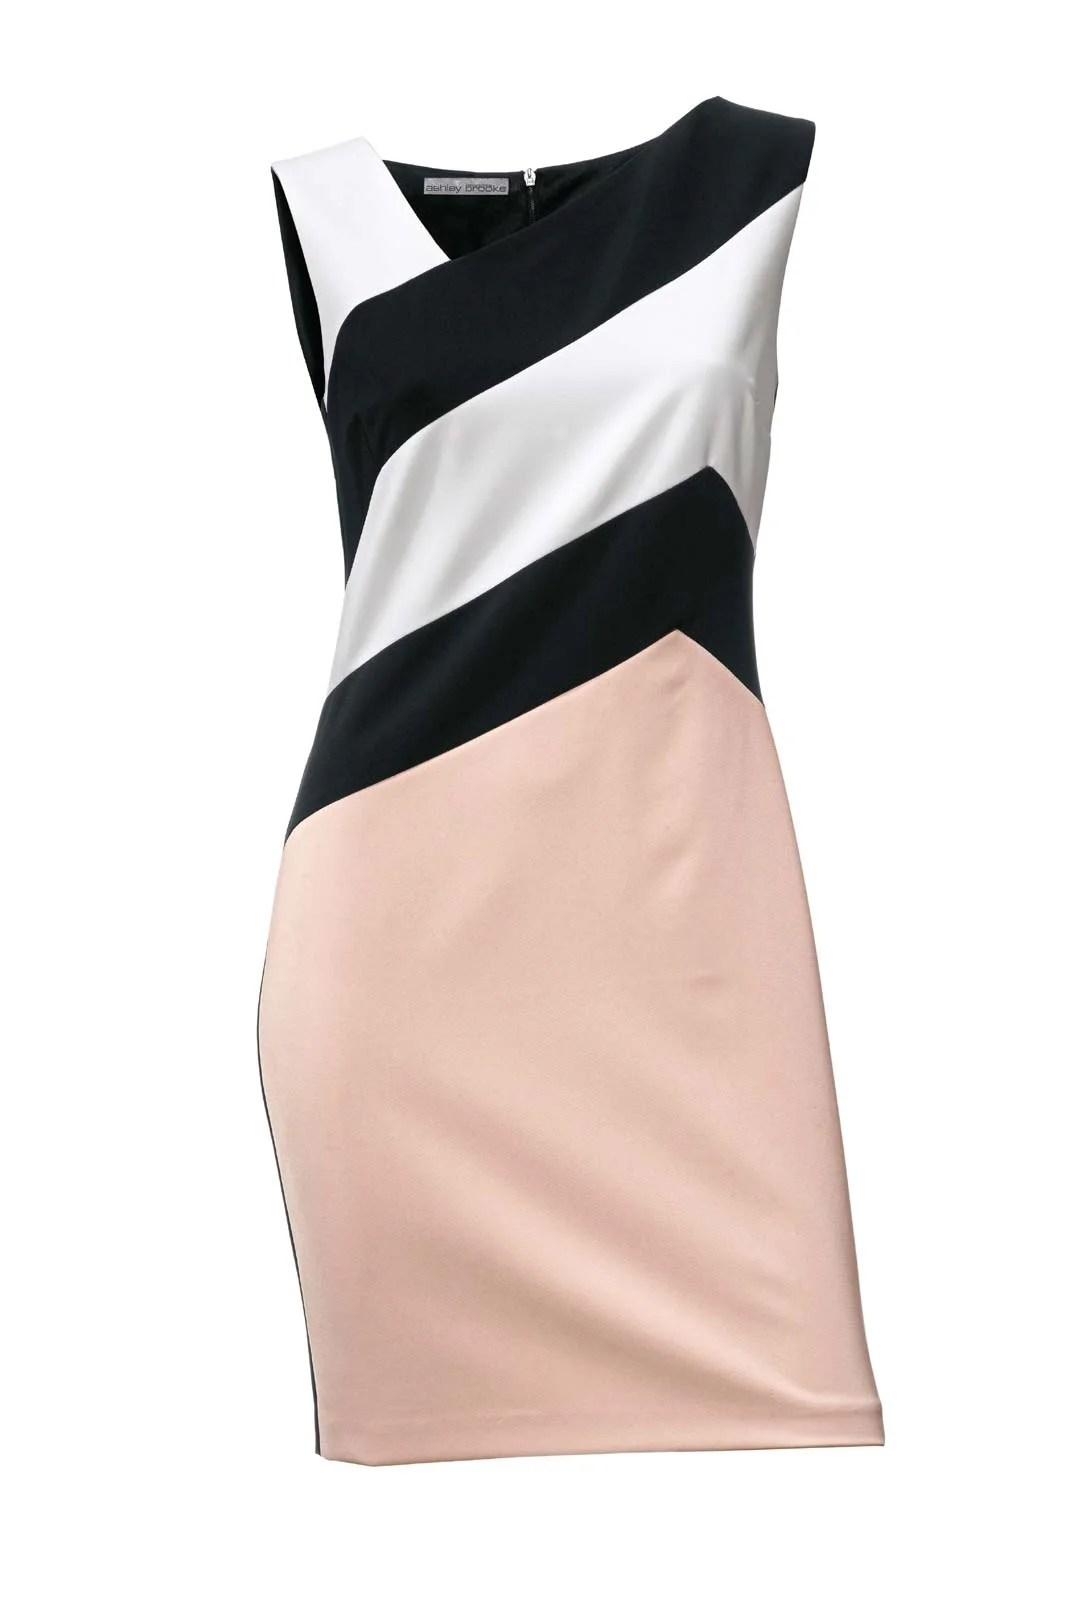 009.826 ASHLEY BROOKE Damen Designer-Etuikleid Ärmellos Rosé-Schwarz-weiß Streifen